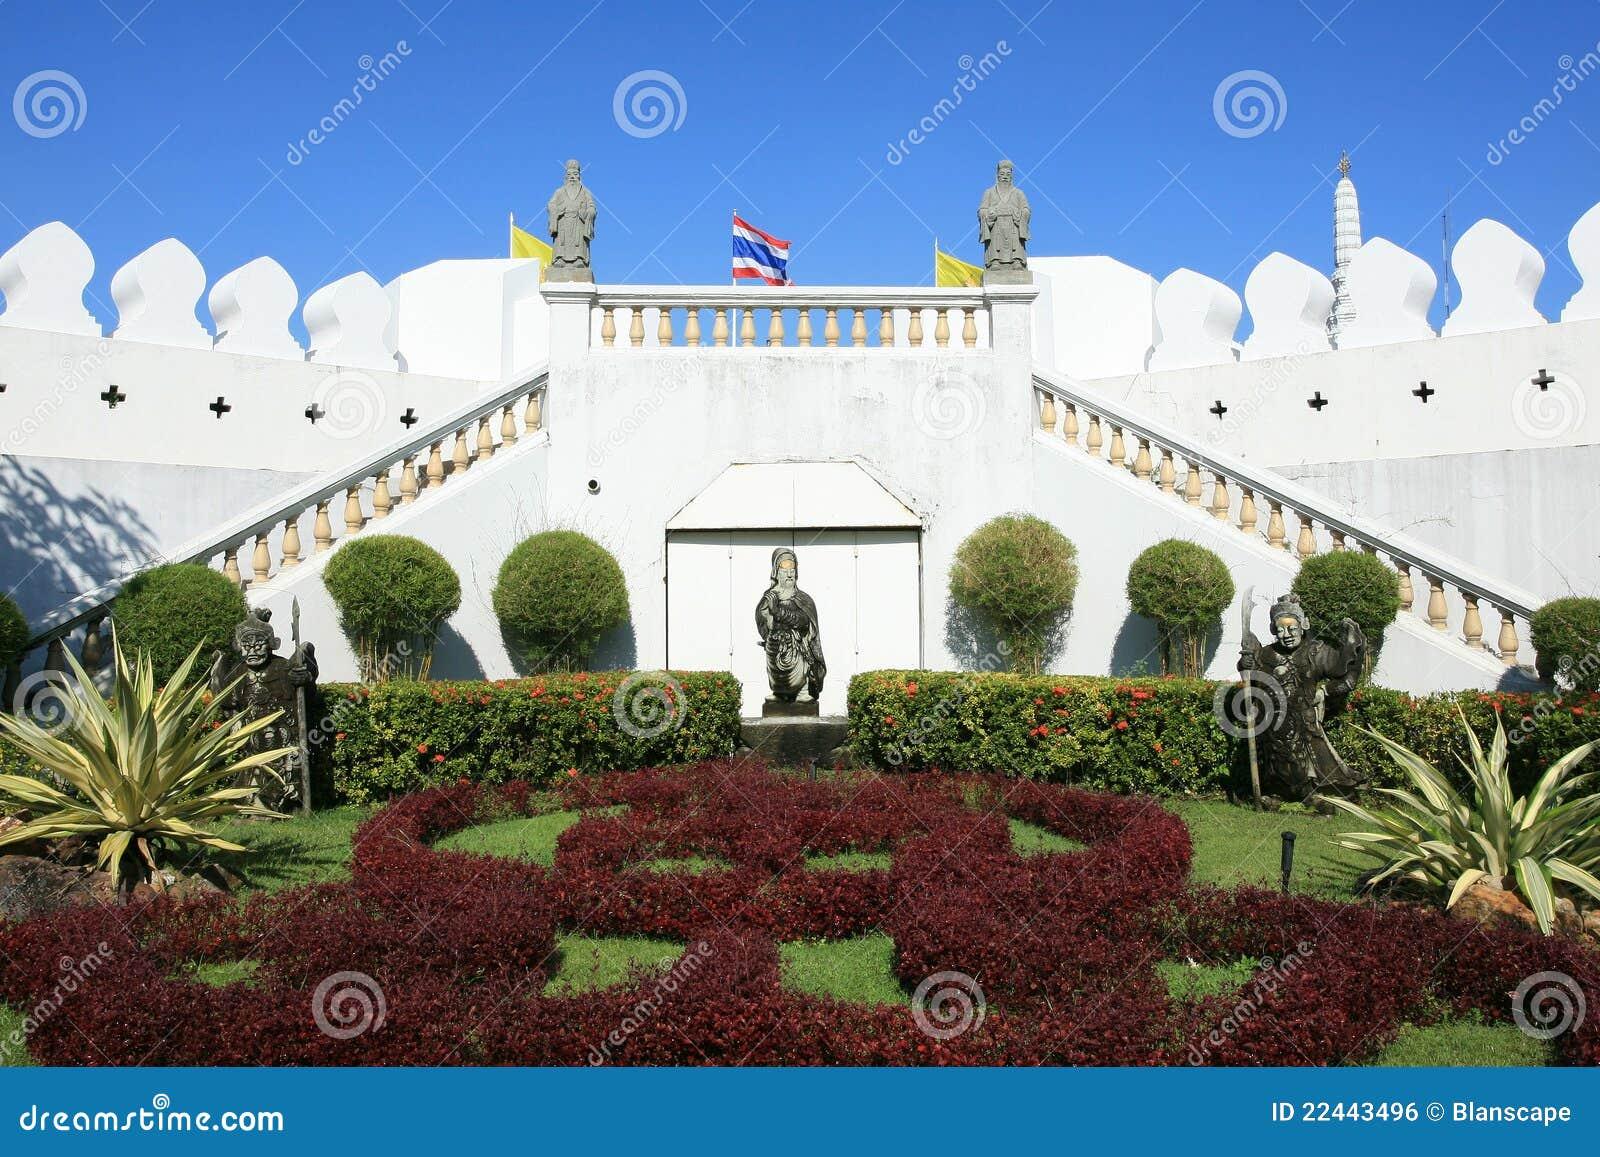 Ornament mooie tuin dichtbij witte muur royalty vrije stock afbeelding afbeelding 22443496 - Tuin decoratie buitenkant ...